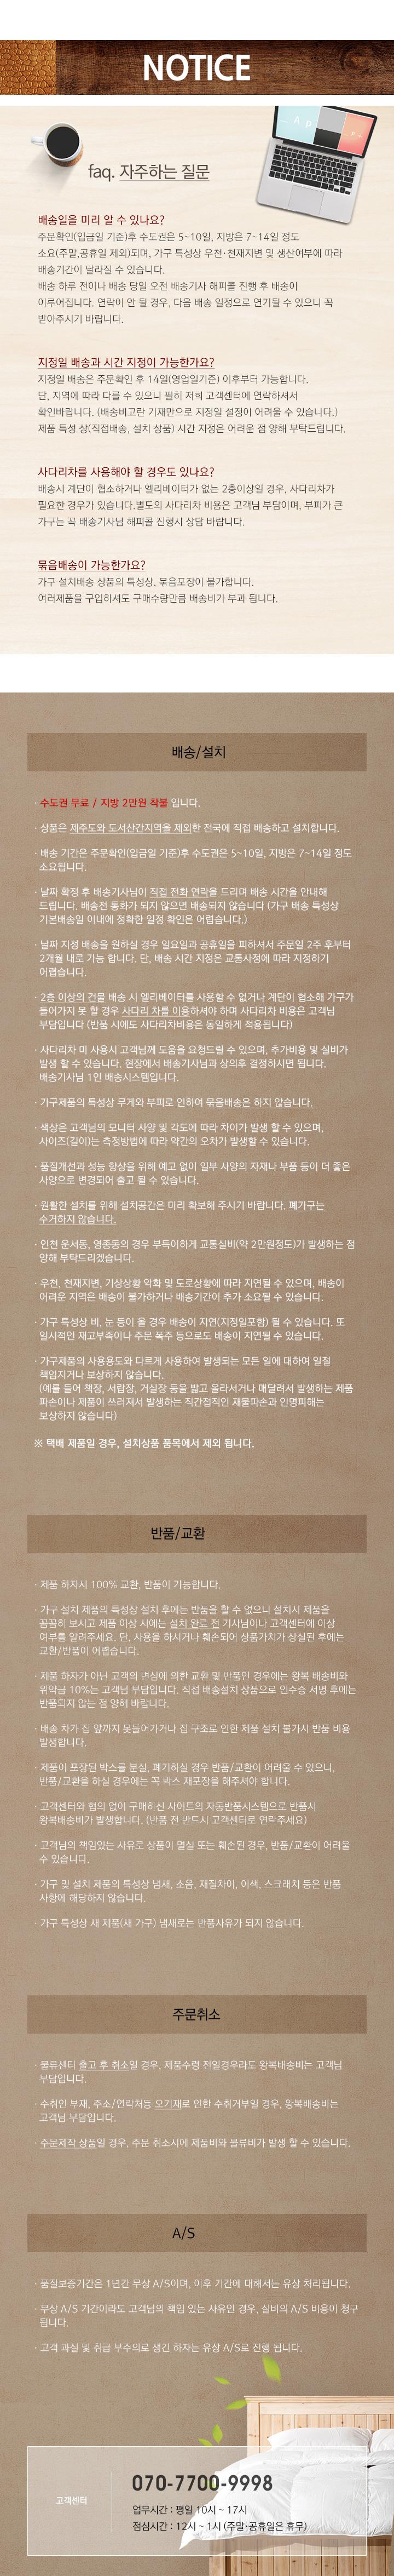 패리 엘다원목 서랍장 5단 - 우아미아이, 520,730원, 서랍장, 다용도 서랍장